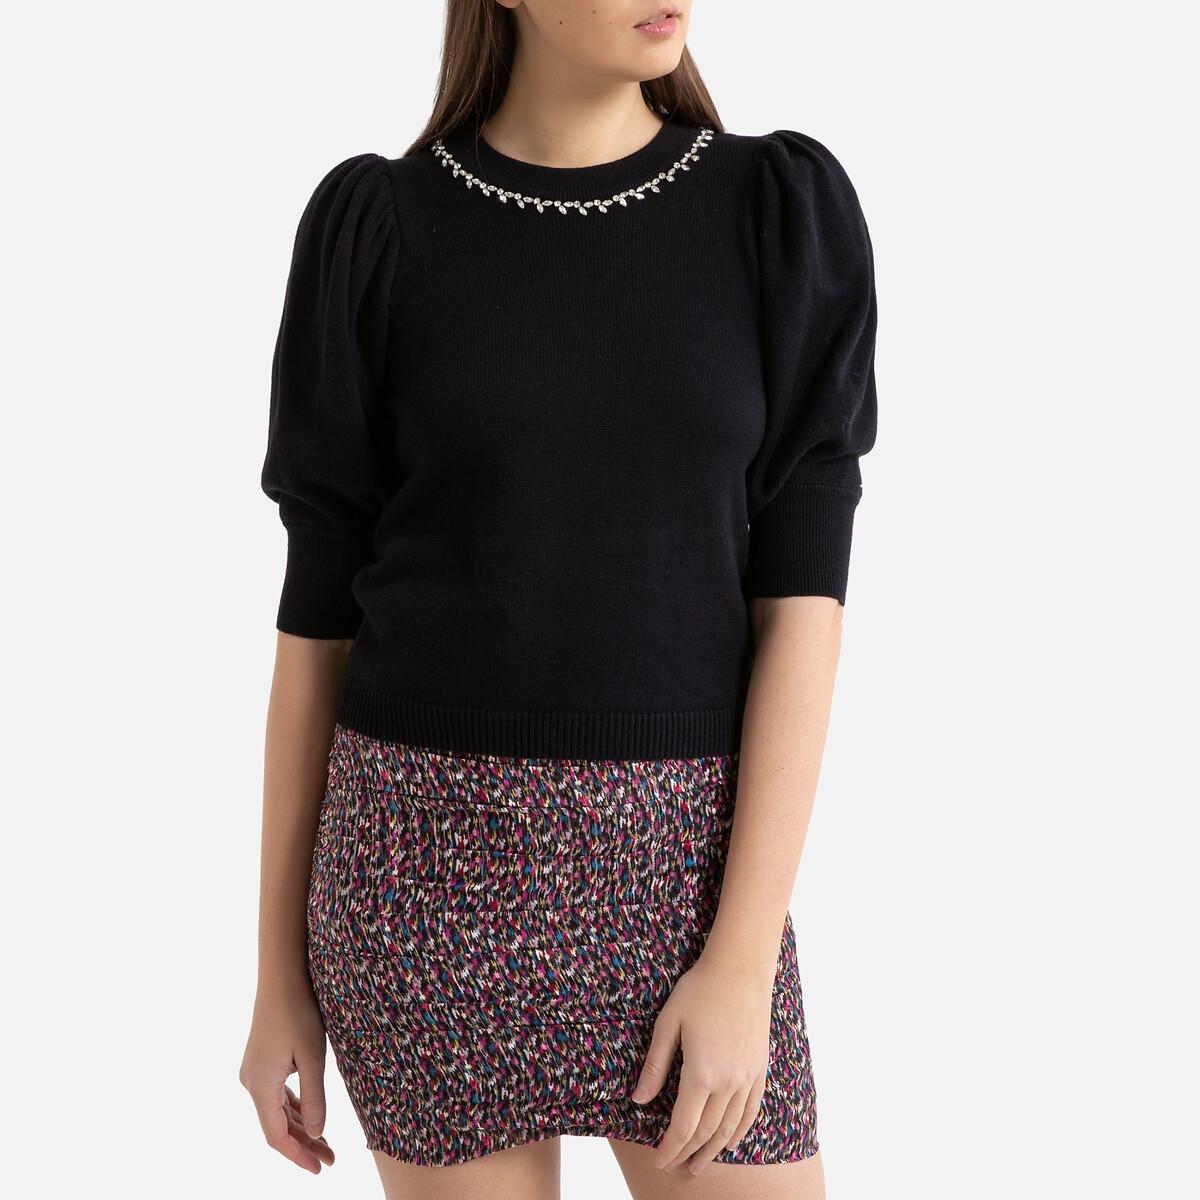 Пуловер La Redoute С круглым вырезом из тонкого трикотажа NEA 0(XS) черный